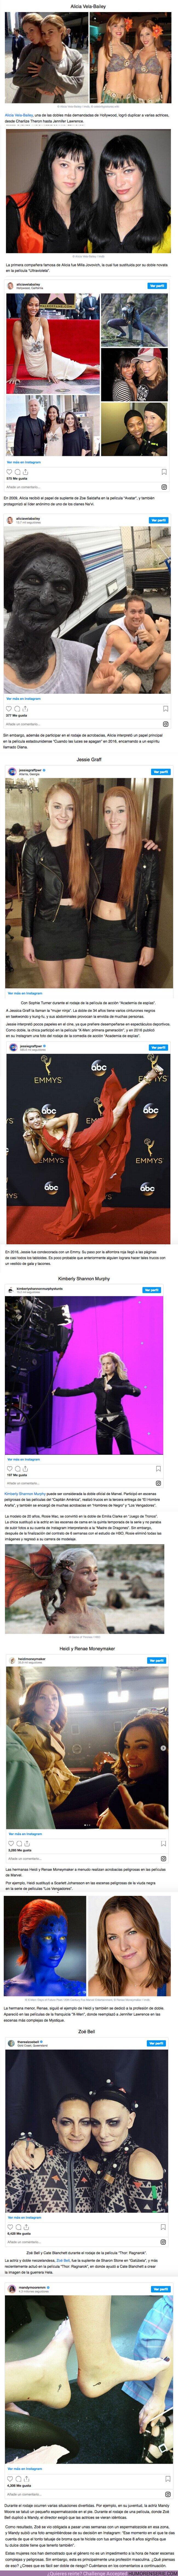 61353 - GALERÍA: ¿Quiénes sustituyen a las famosas actrices en las escenas íntimas y peligrosas de las películas?